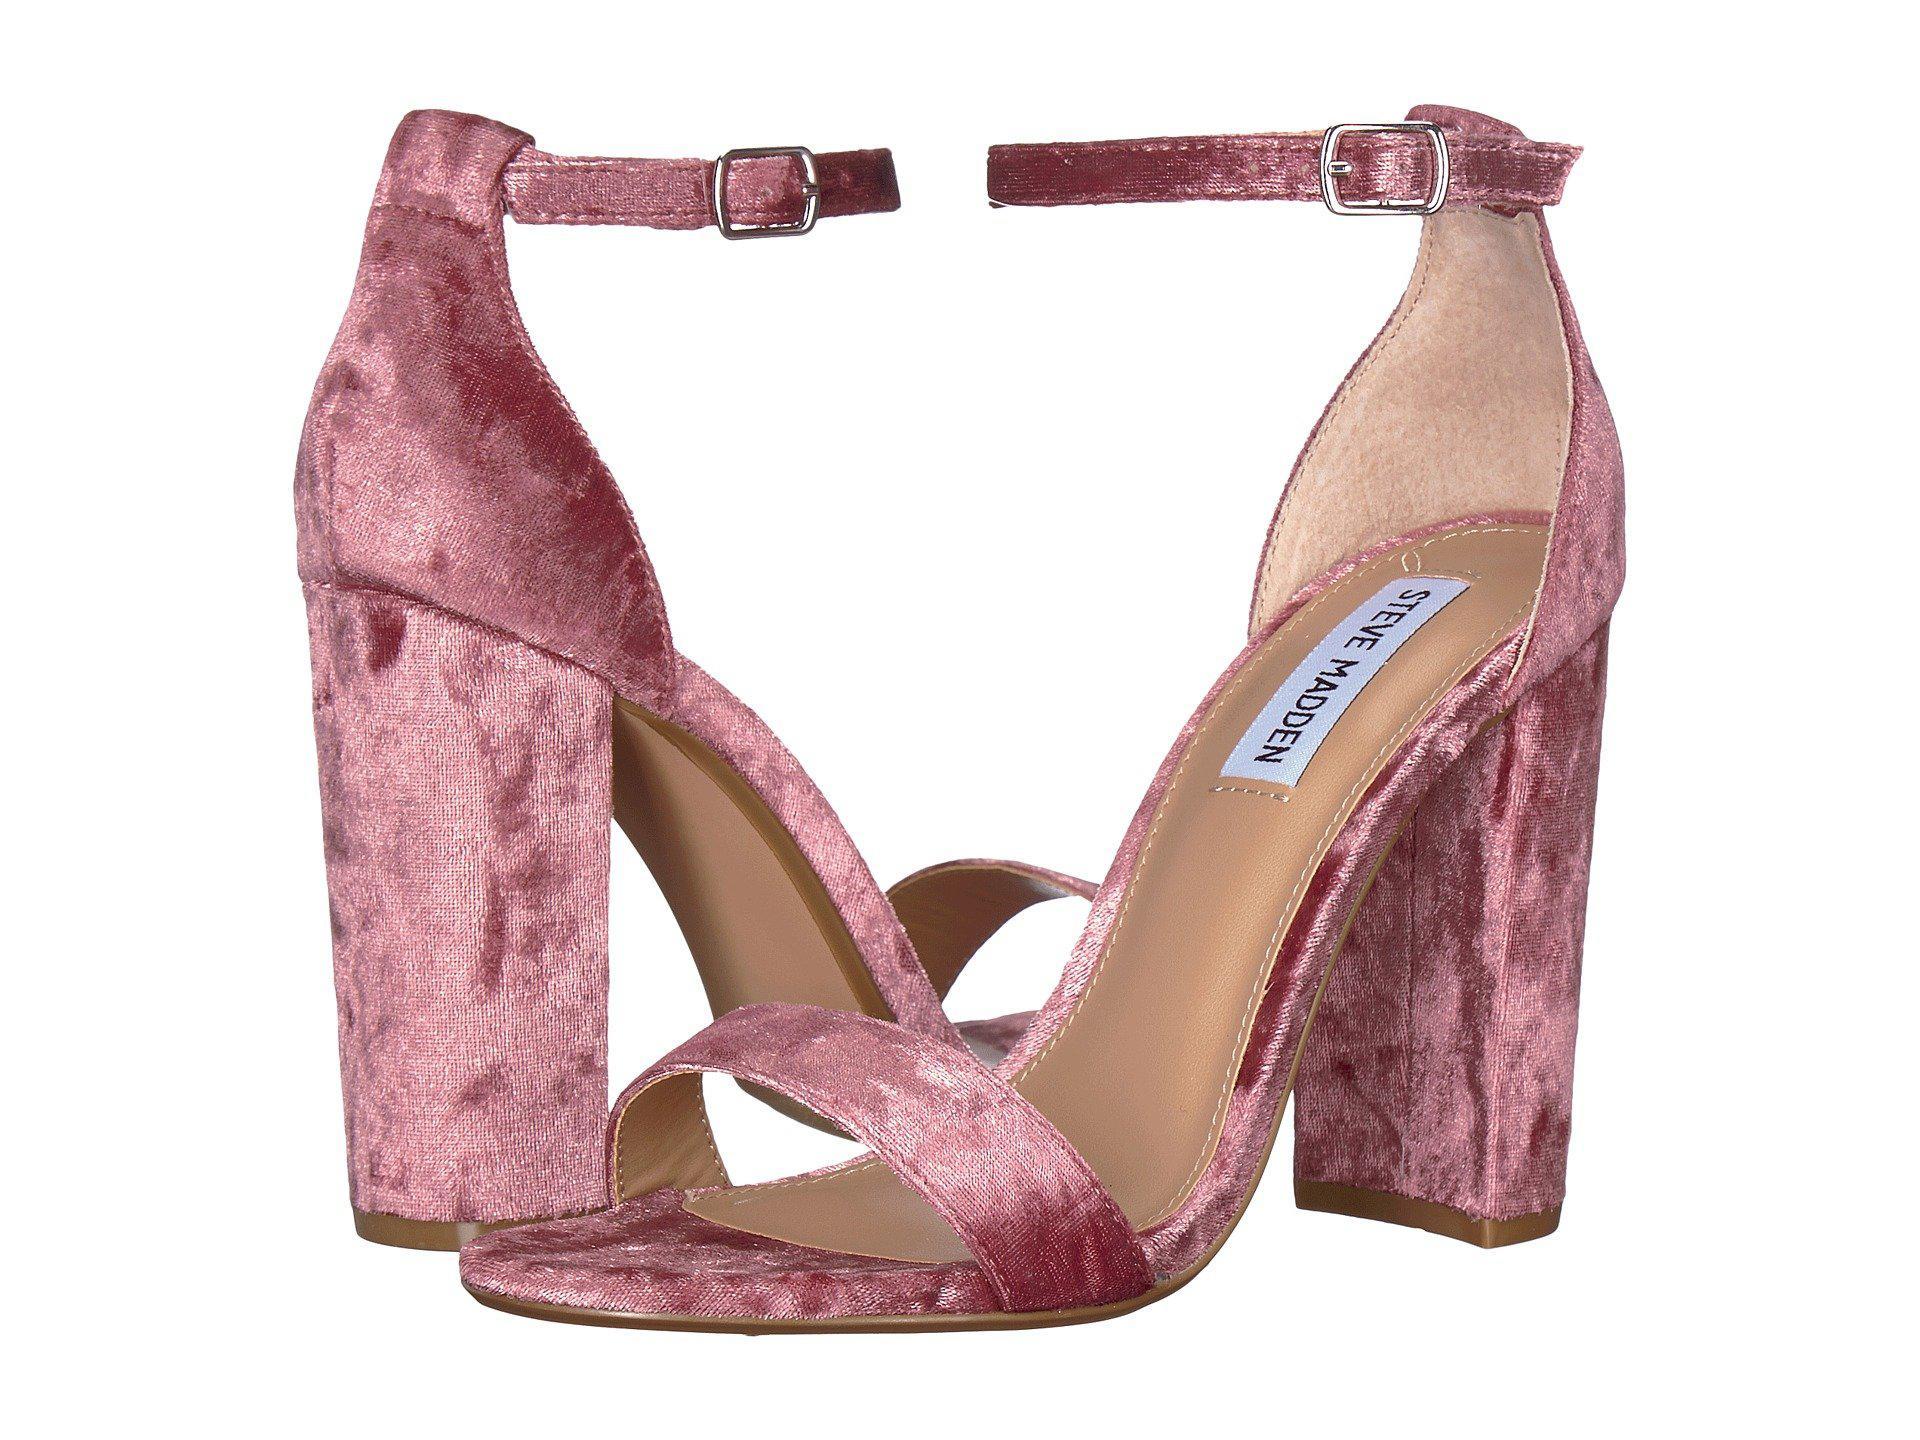 a124dfc1fae Steve Madden - Pink Carrson Heeled Sandal - Lyst. View fullscreen